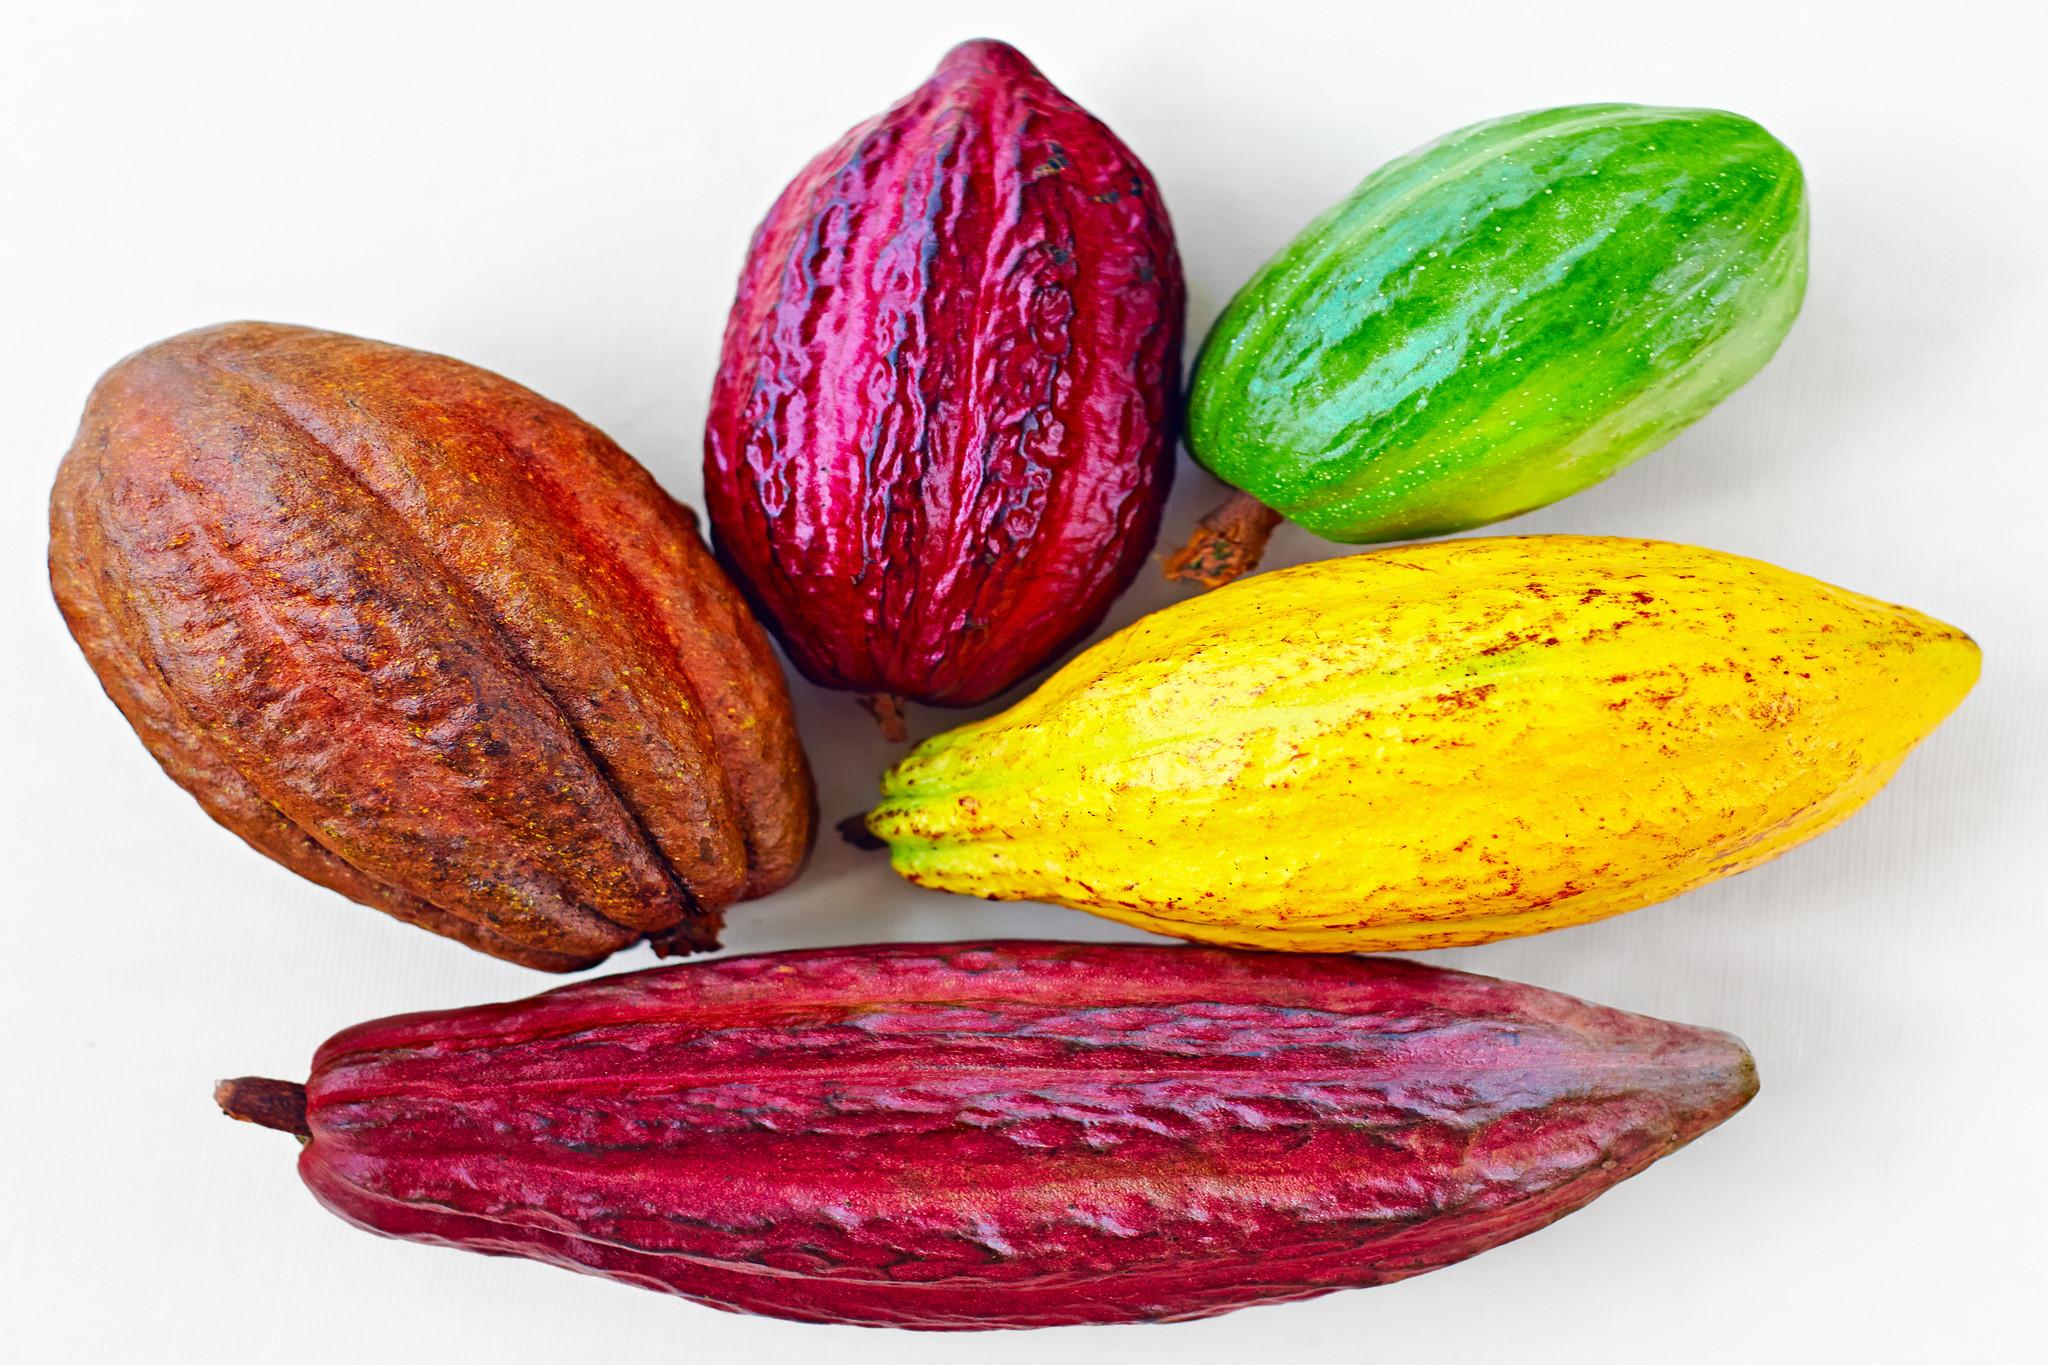 カカオの品種とは?品種でチョコレートの味は変化する?その違いは?